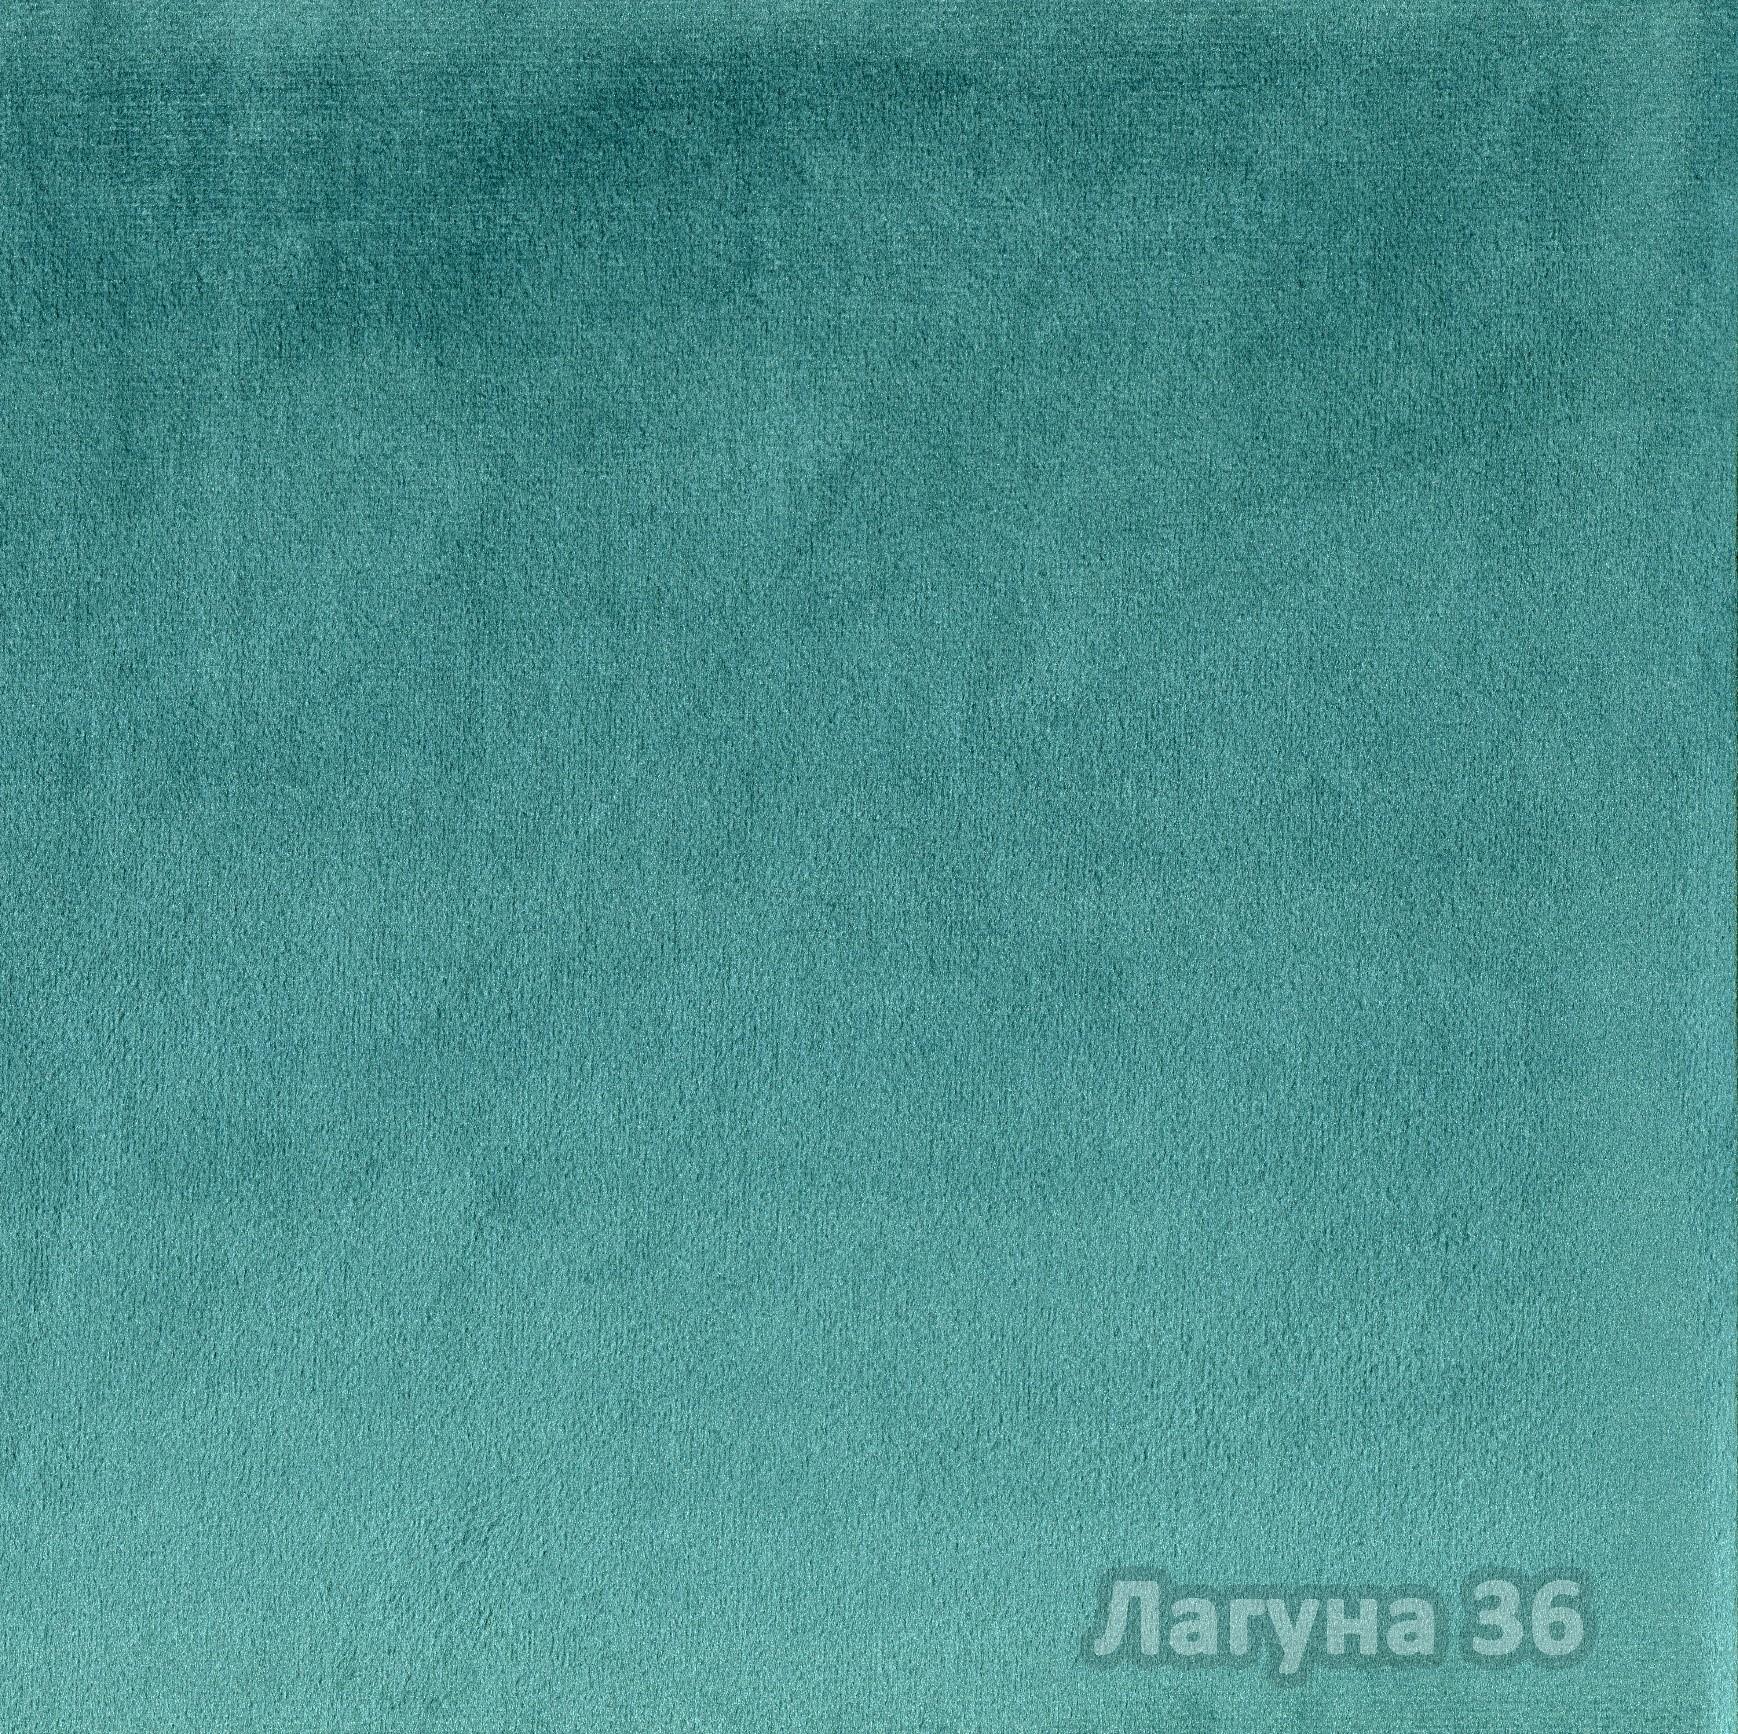 Коллекция ткани Лагуна 36,  купить ткань Велюр для мебели Украина